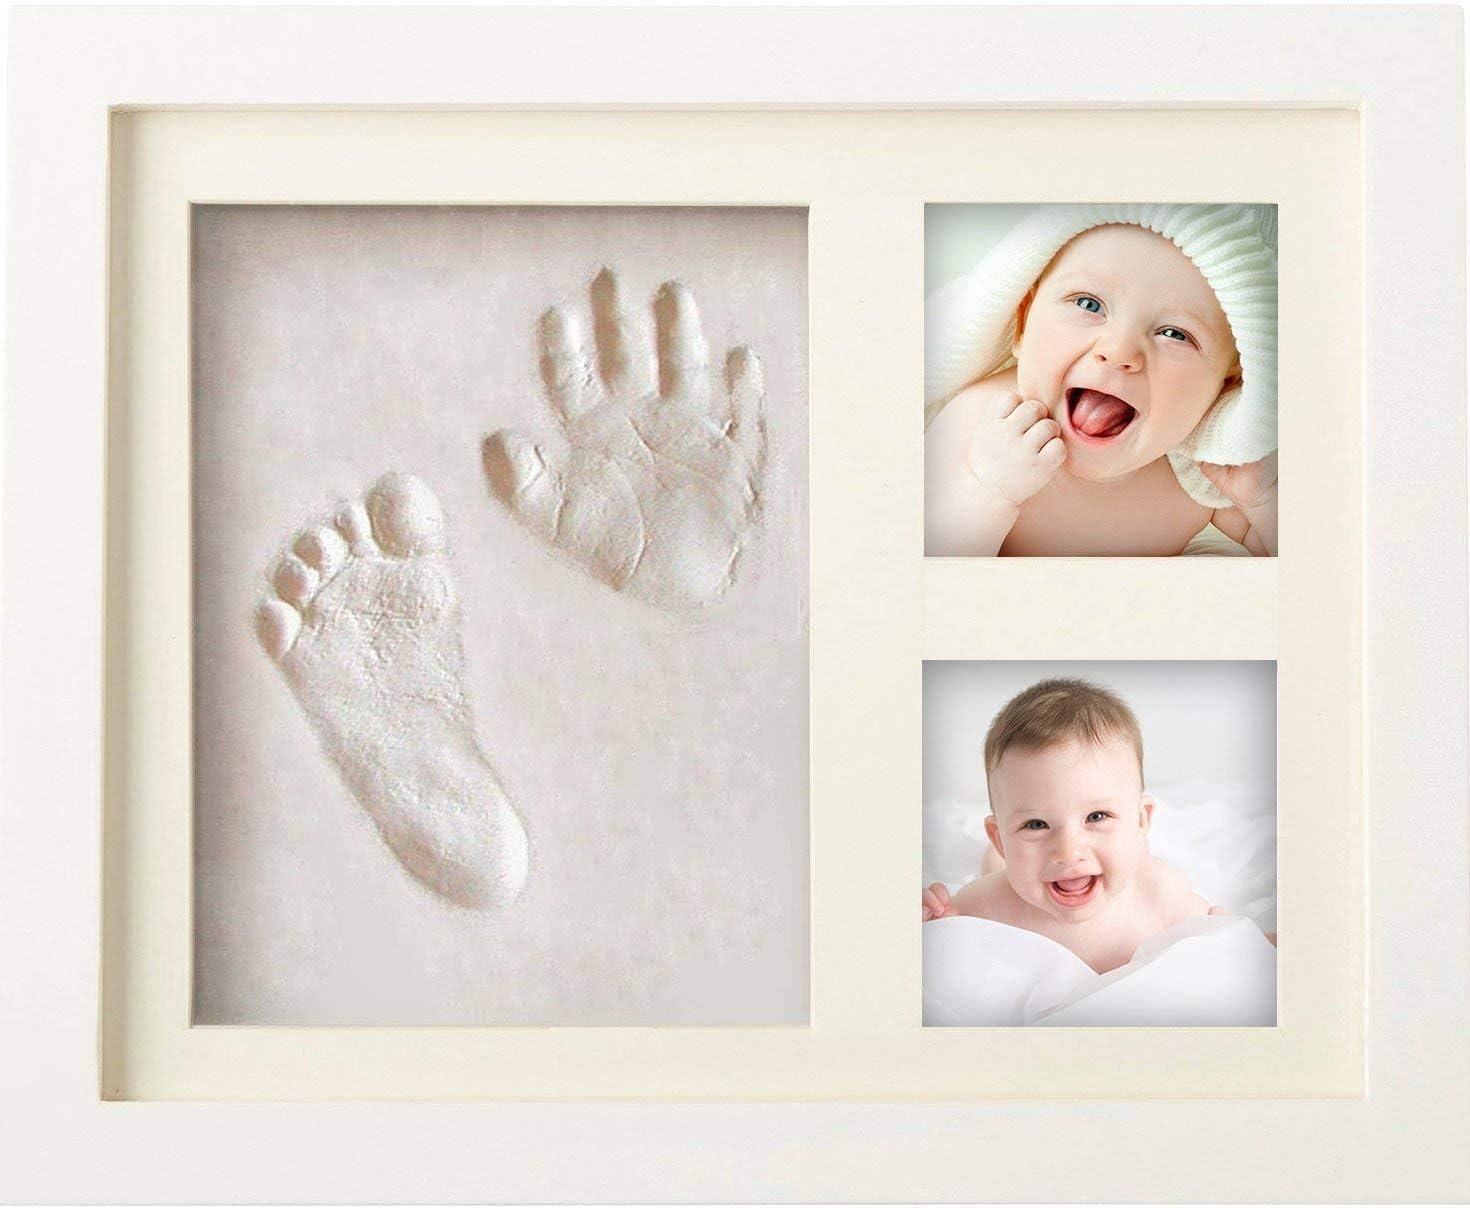 Marco de huellas de bebé Kit de arcilla Manos y pies del niño en arcilla Ideas de regalo Madre Cumpleaños Bautismo Nacimiento de bebé Bebé Niño Mesa de bebé y marco de fotos de pared